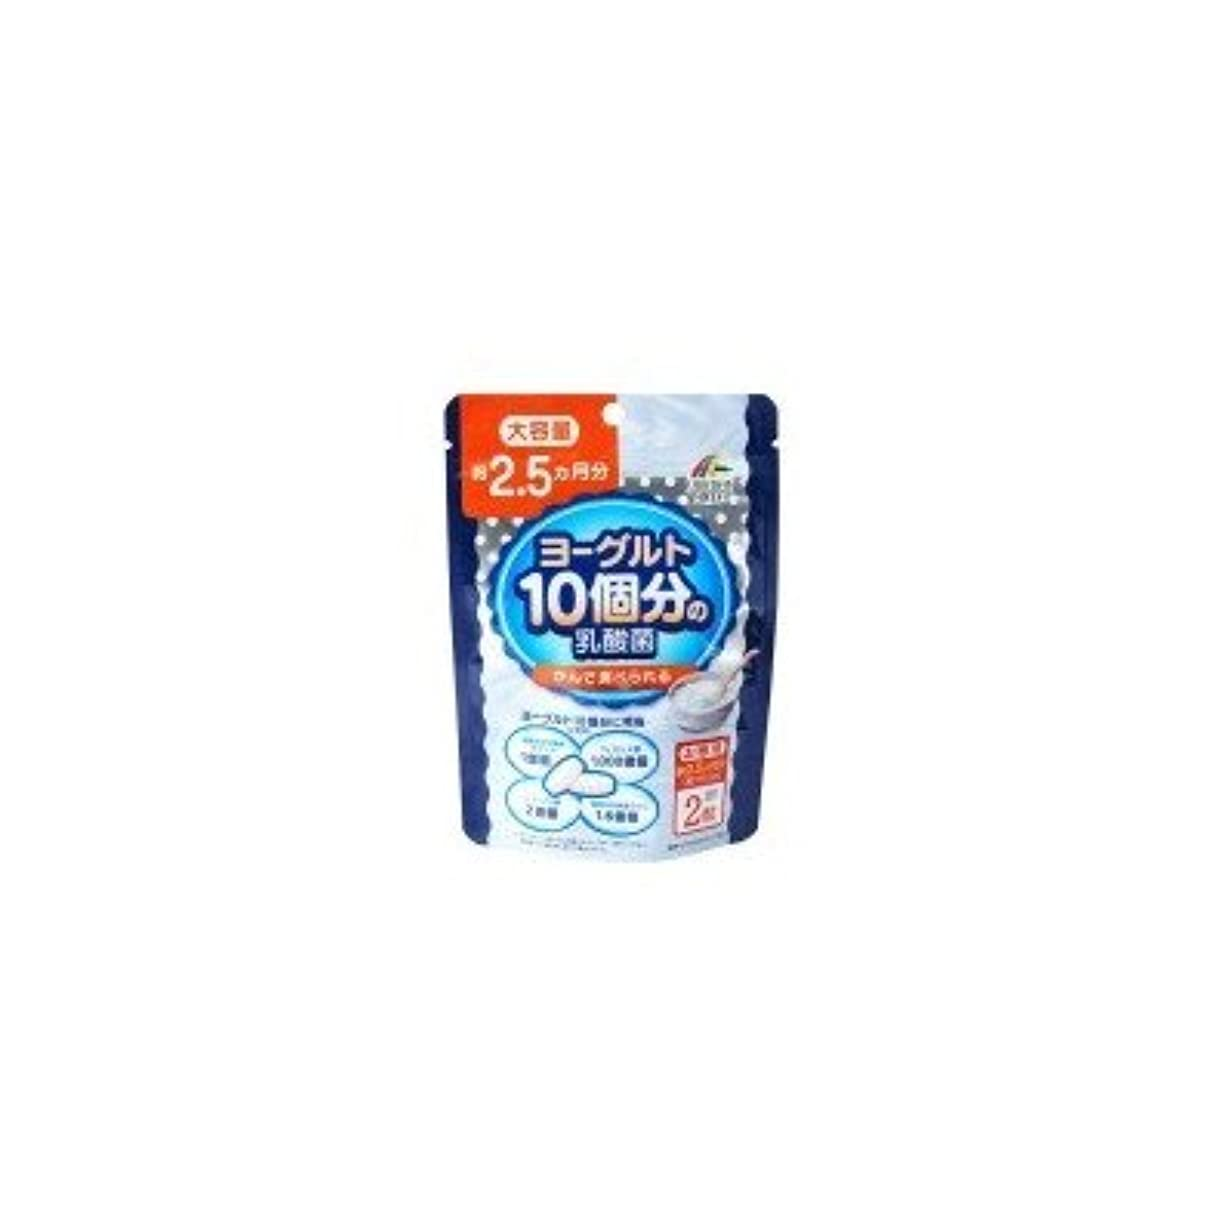 言及する理容師セグメントヨーグルト10個分の乳酸菌 大容量 30.8g(200mg×154粒)